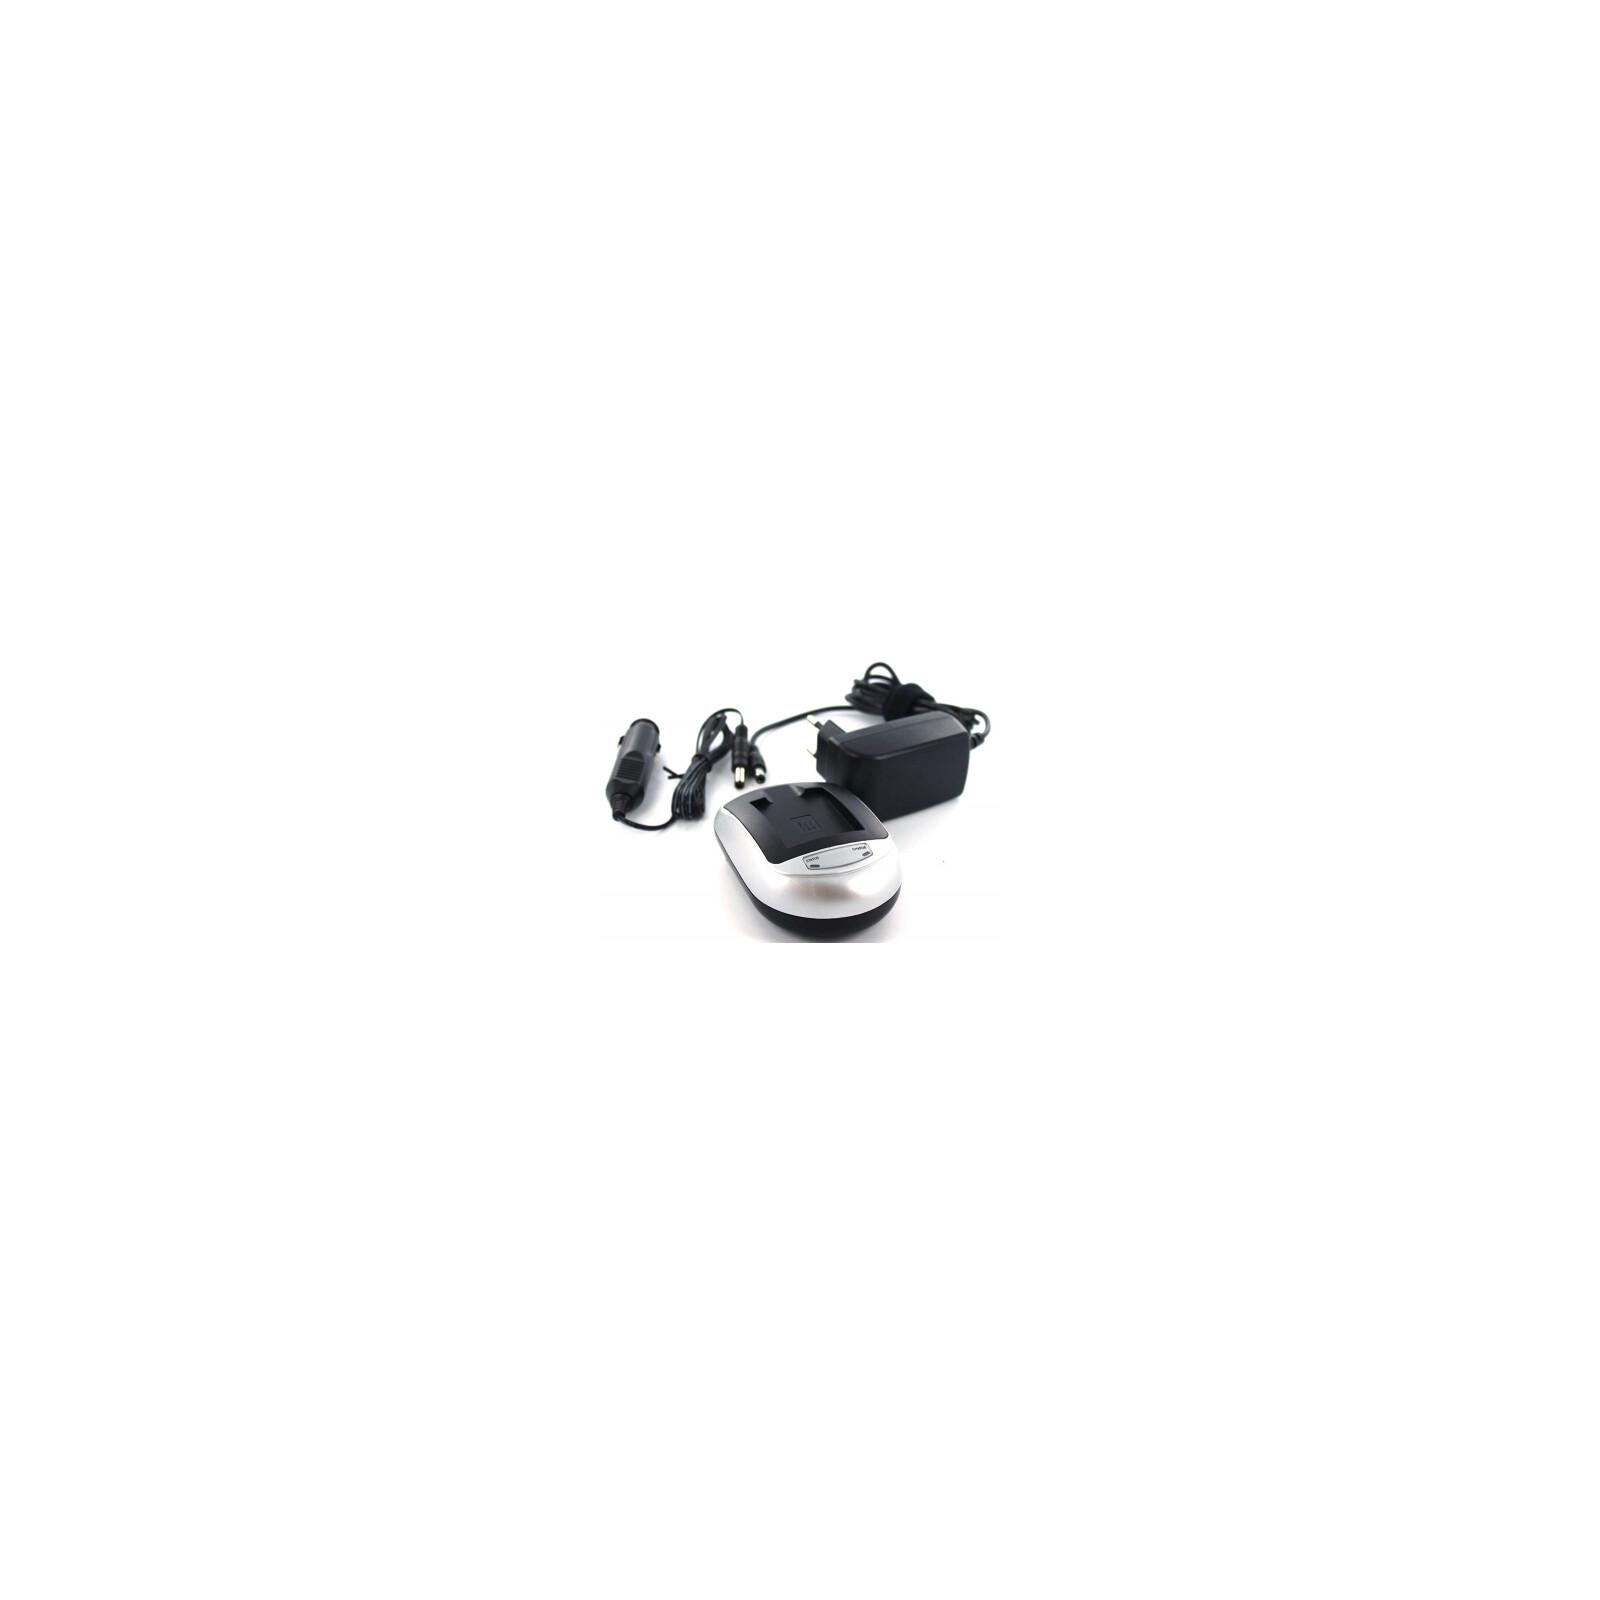 AGI 68194 Ladegerät Sony DSC-T3